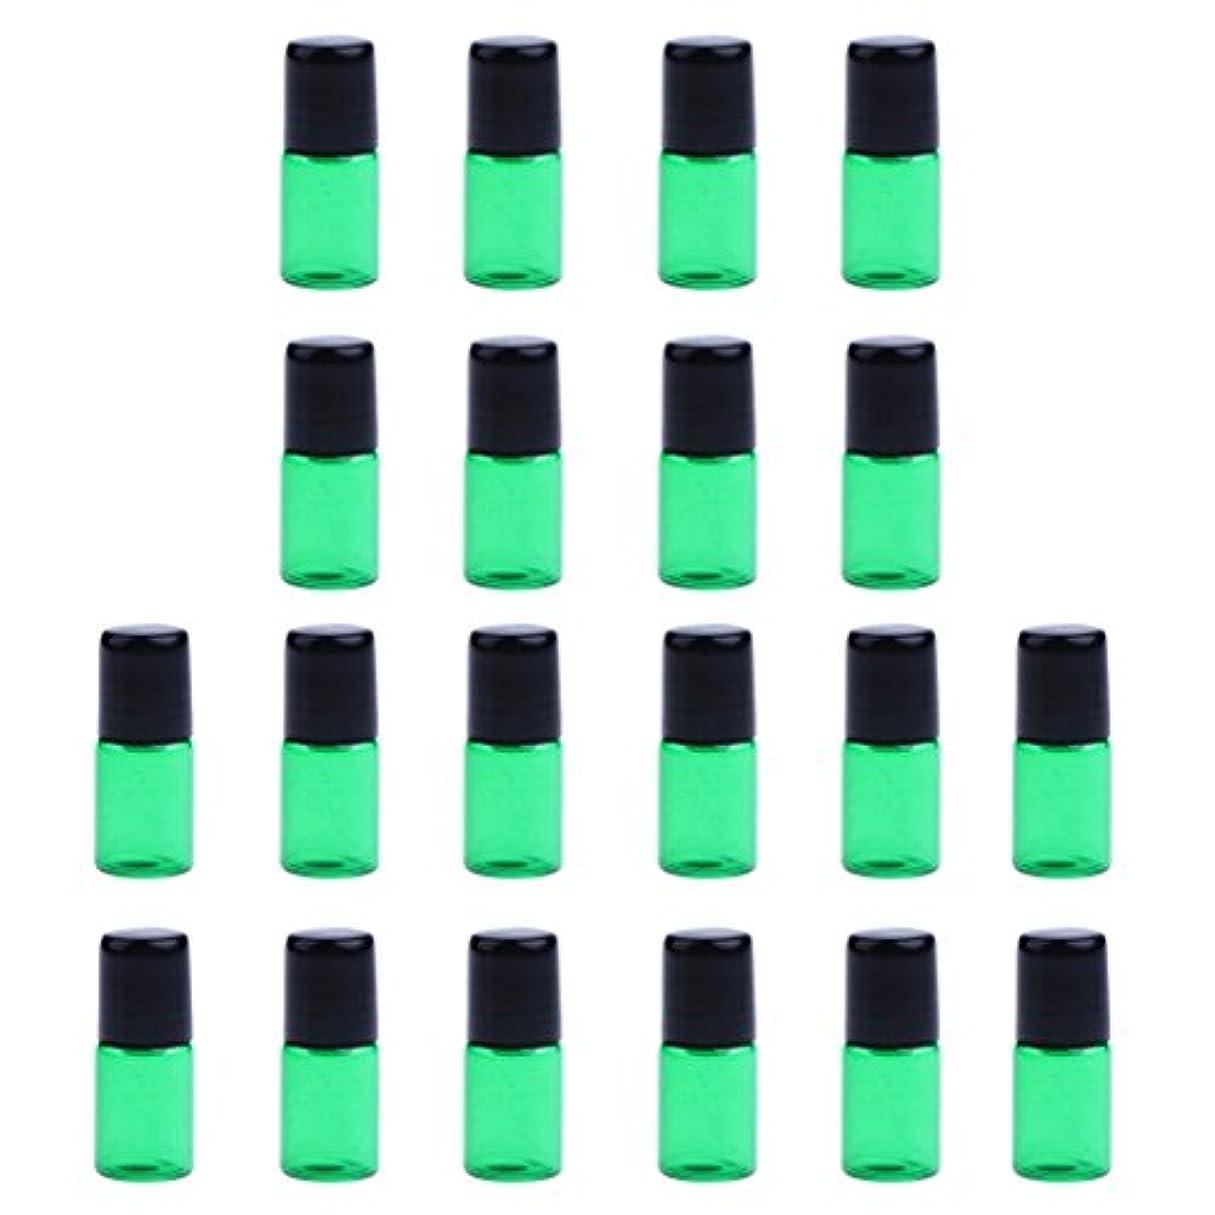 ギャラリーオート約20個 空ボトル ガラスロール コスメ用 詰替え 容器 オイル 香水 ガラス瓶 プラスチックブラックキャップ 全4色3サイズ選べる - 緑, 3ML